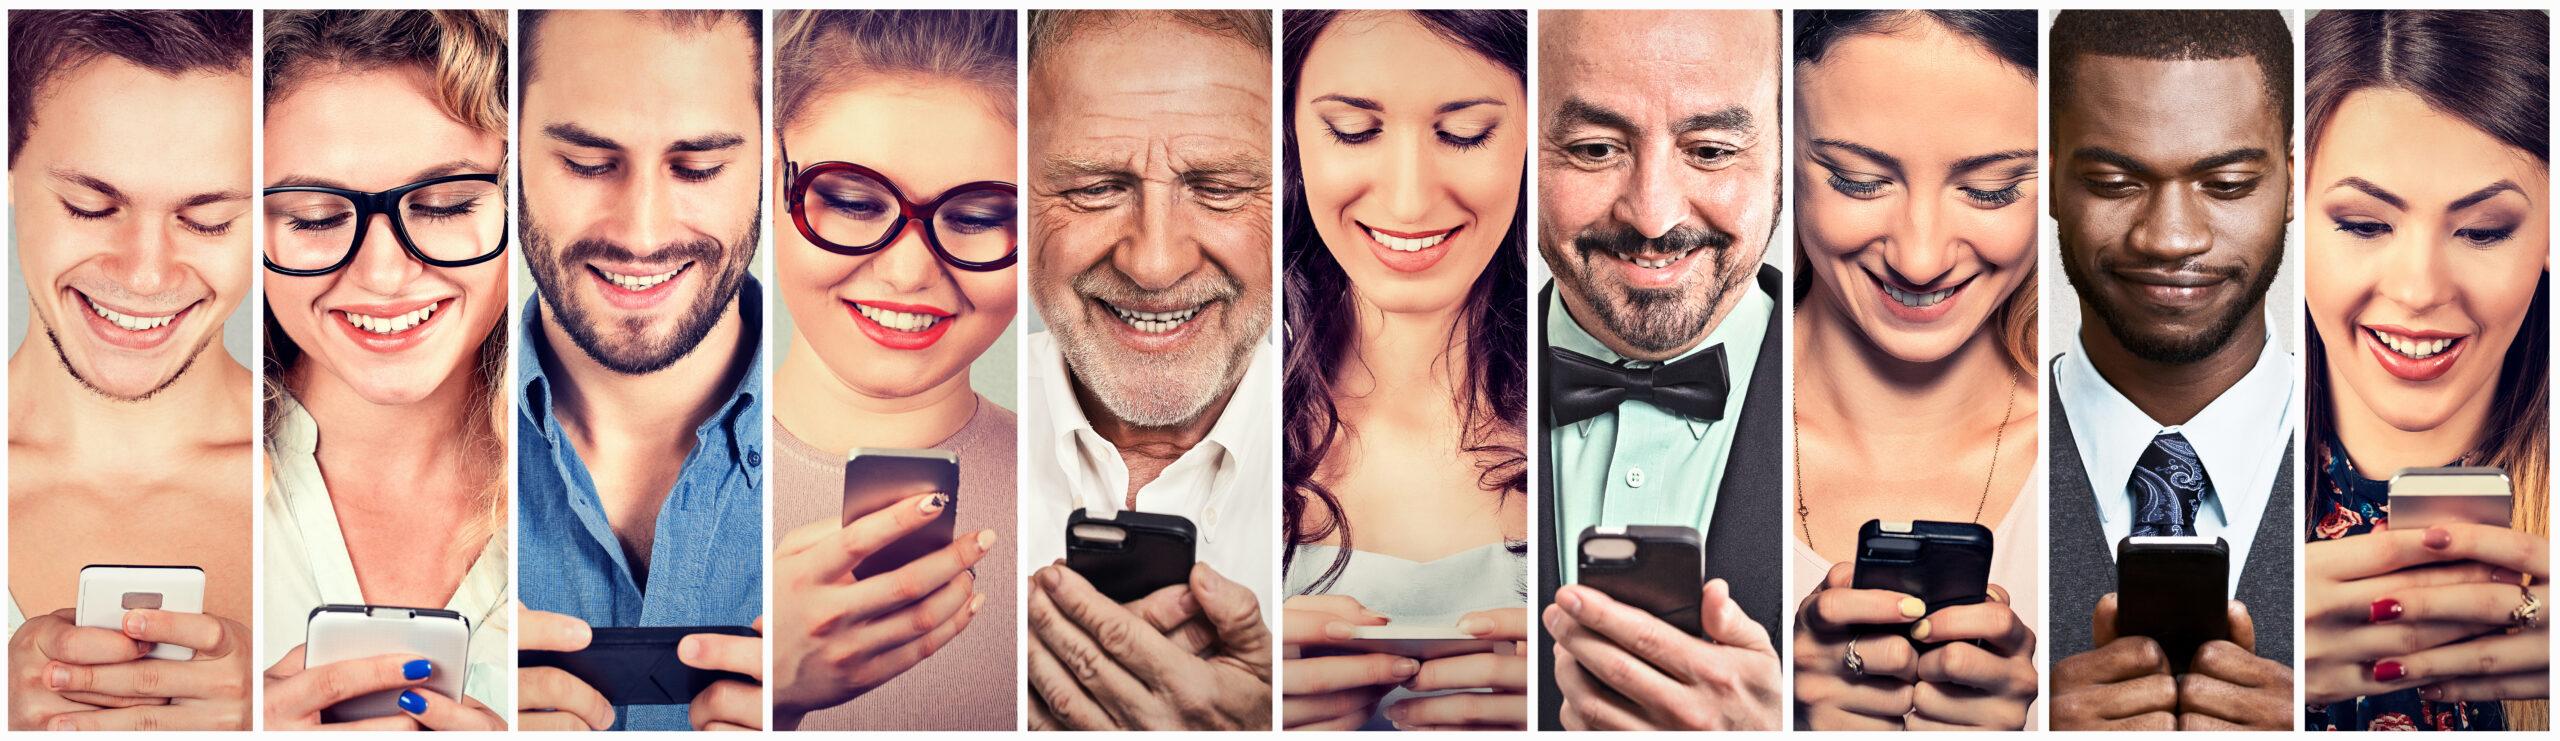 Menschen benutzen ihr Smartphone